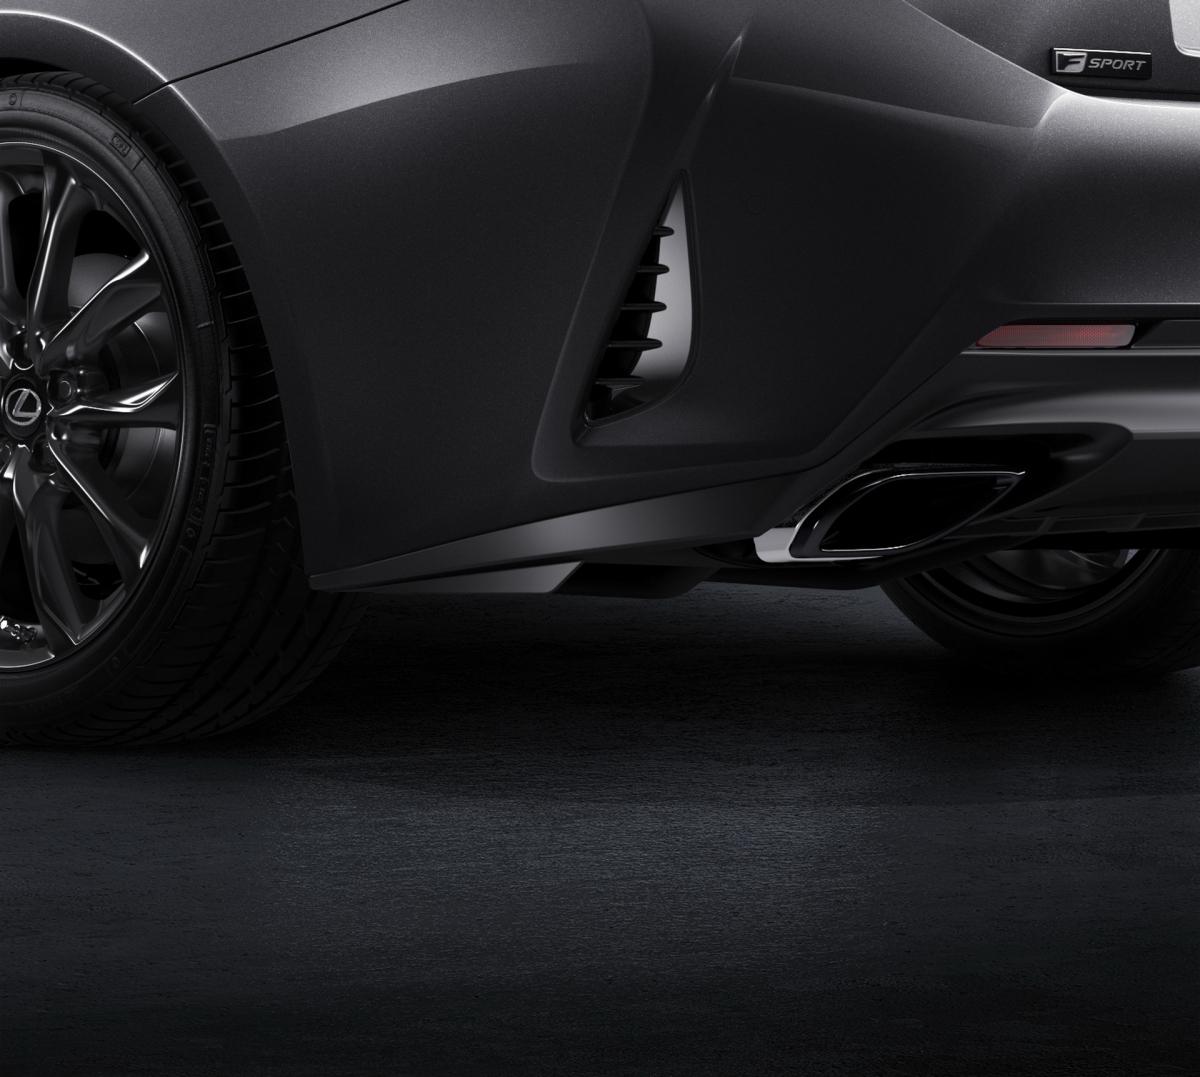 Giống với những mẫu xe khác thuộc đời xe này, Lexus sẽ trang bị tiêu chuẩn cho dòng RC Coupe gói trang bị an toàn chủ động Lexus Safety System+. Gói này sẽ bao gồm hệ thống phản ứng tiền va chạm cùng hệ thống phát hiện người đi bộ, hệ thống cảnh báo chệch làn đường, hệ thống giữ làn đường và hệ thống kiểm soát hành trình toàn tốc độ với công nghệ radar. Bên cạnh đó, xe còn sở hữu hệ thống đèn pha thông minh, phát hiện điểm mù và cảnh báo phương tiện giao nhau./.